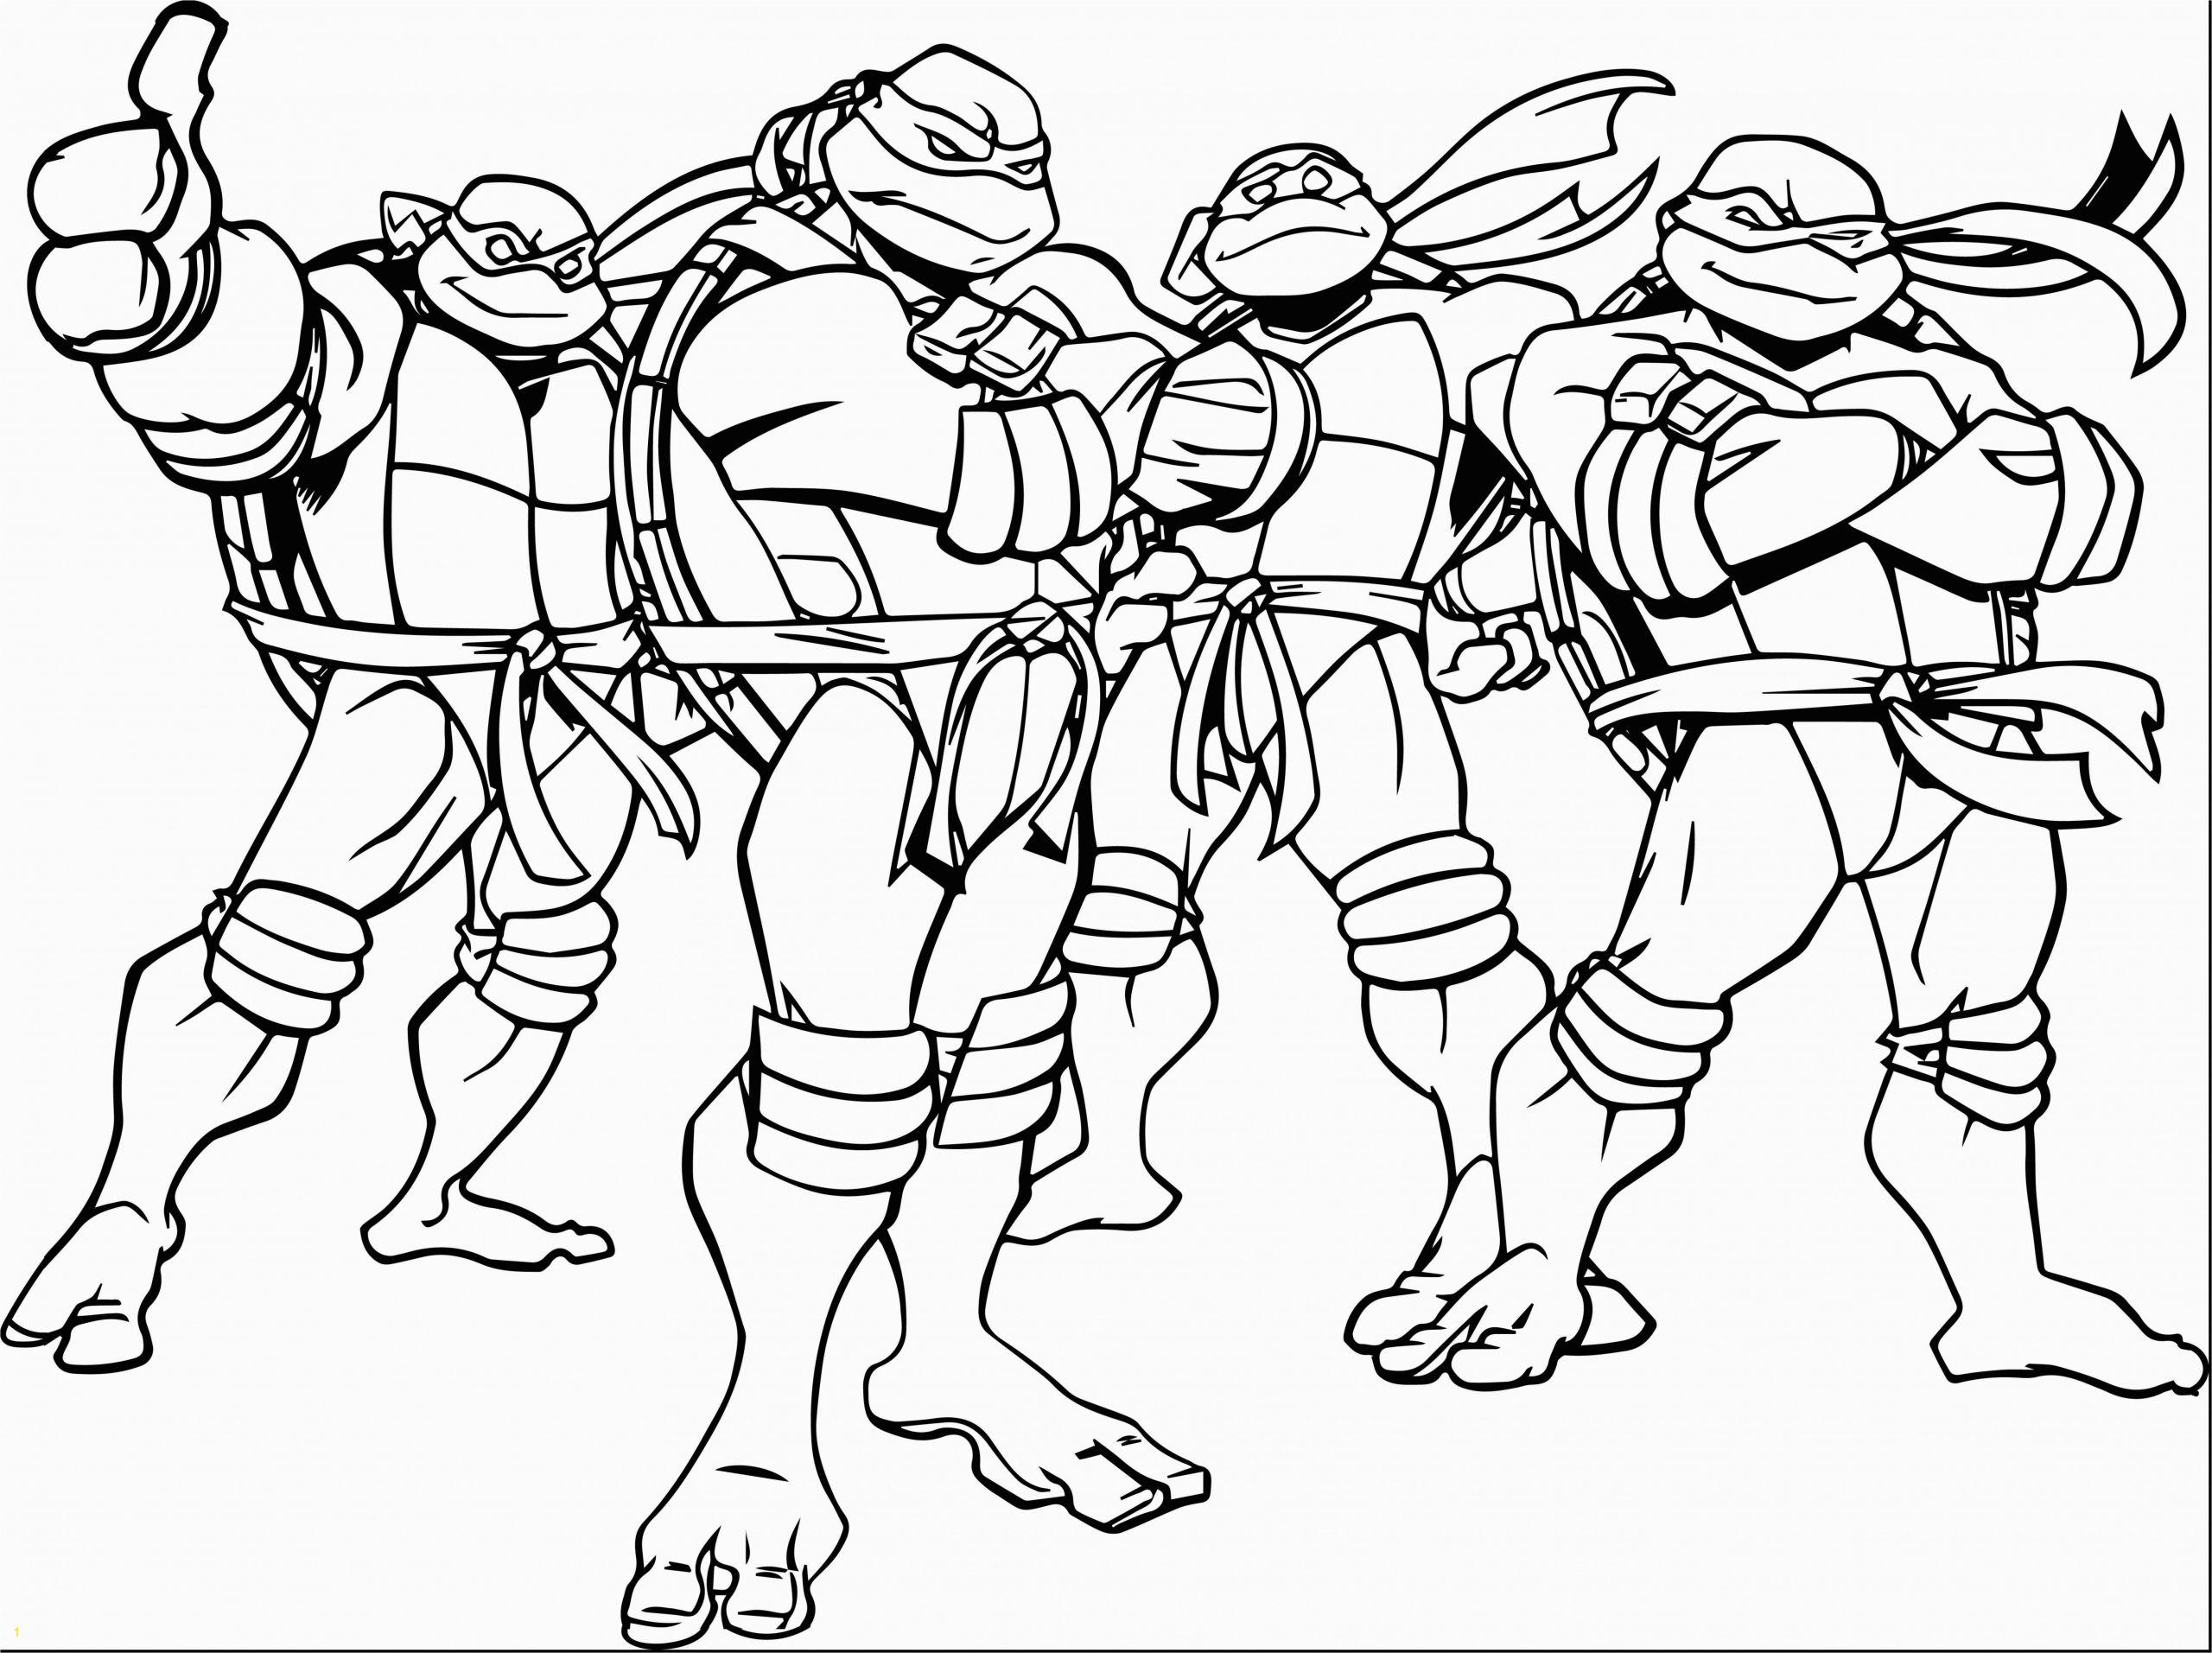 nickelodeon teenage mutant ninja turtles coloring pages